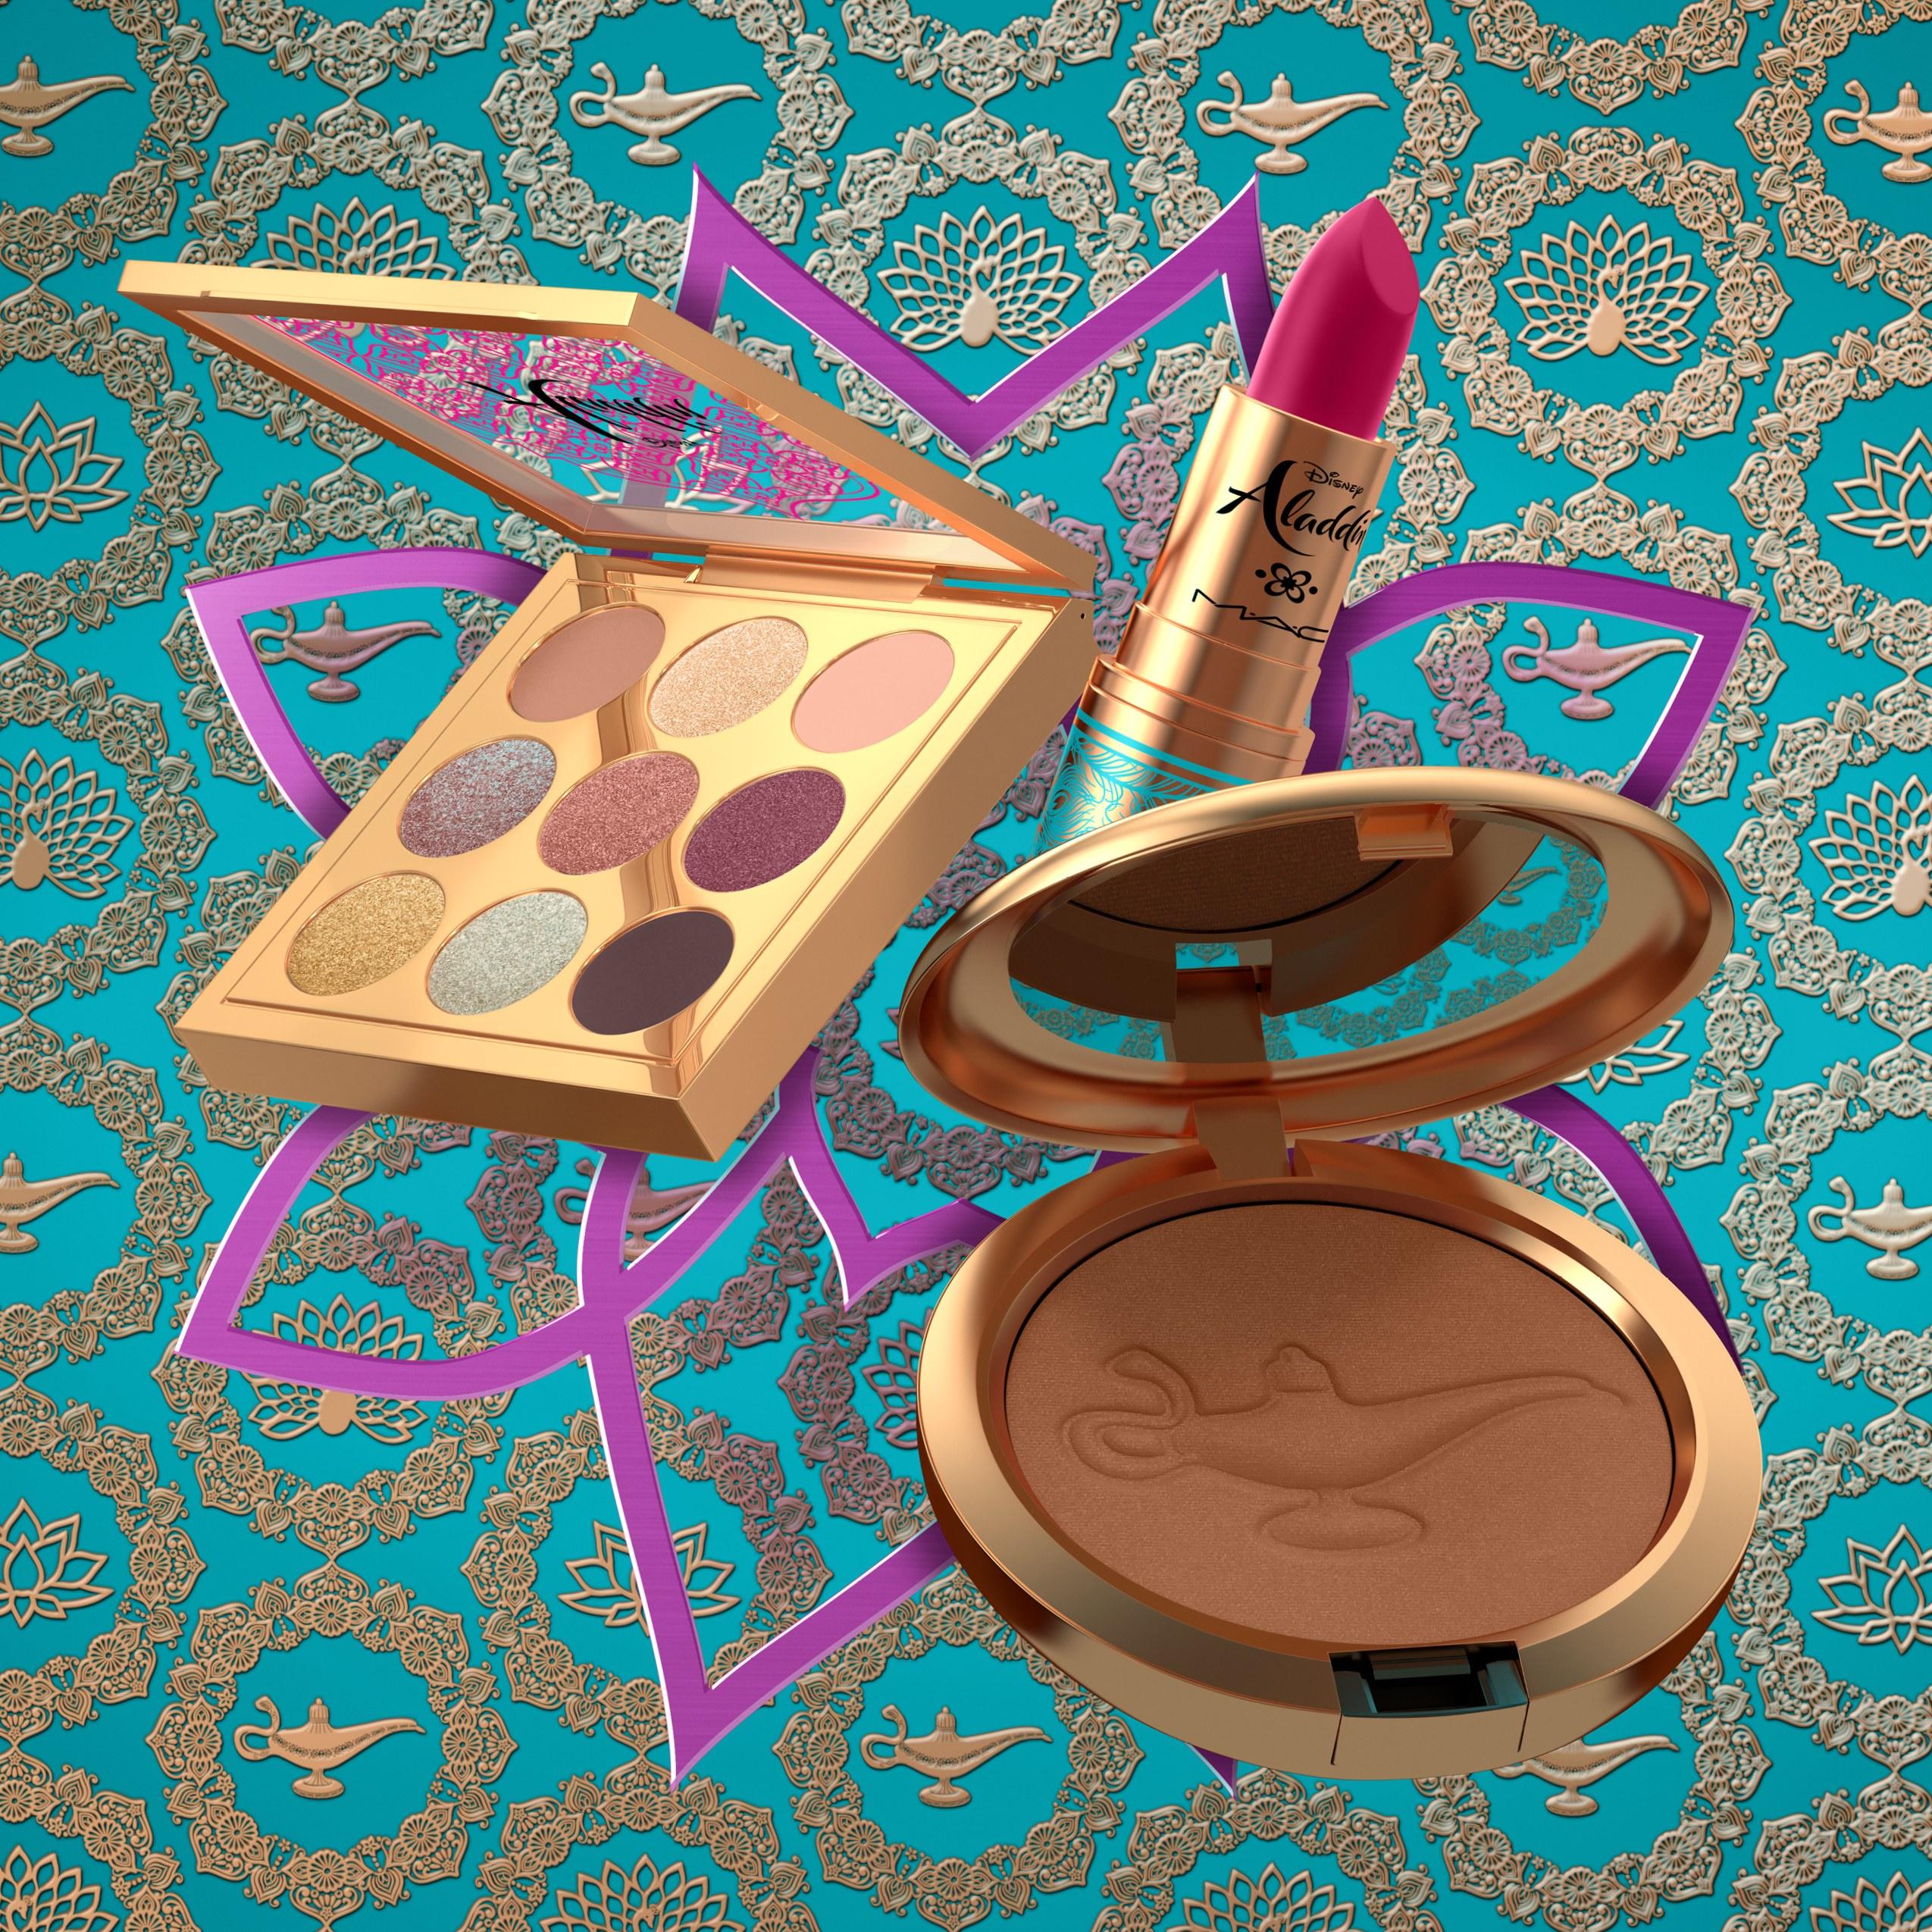 MAC Cosmetics incorporó esta temporada una colección de maquillaje que incluye lápices labiales, polvos bronceadores y una paleta de sombra alusivas a la película. La actriz Naomi Scott protagoniza la campaña. (Suministrada)